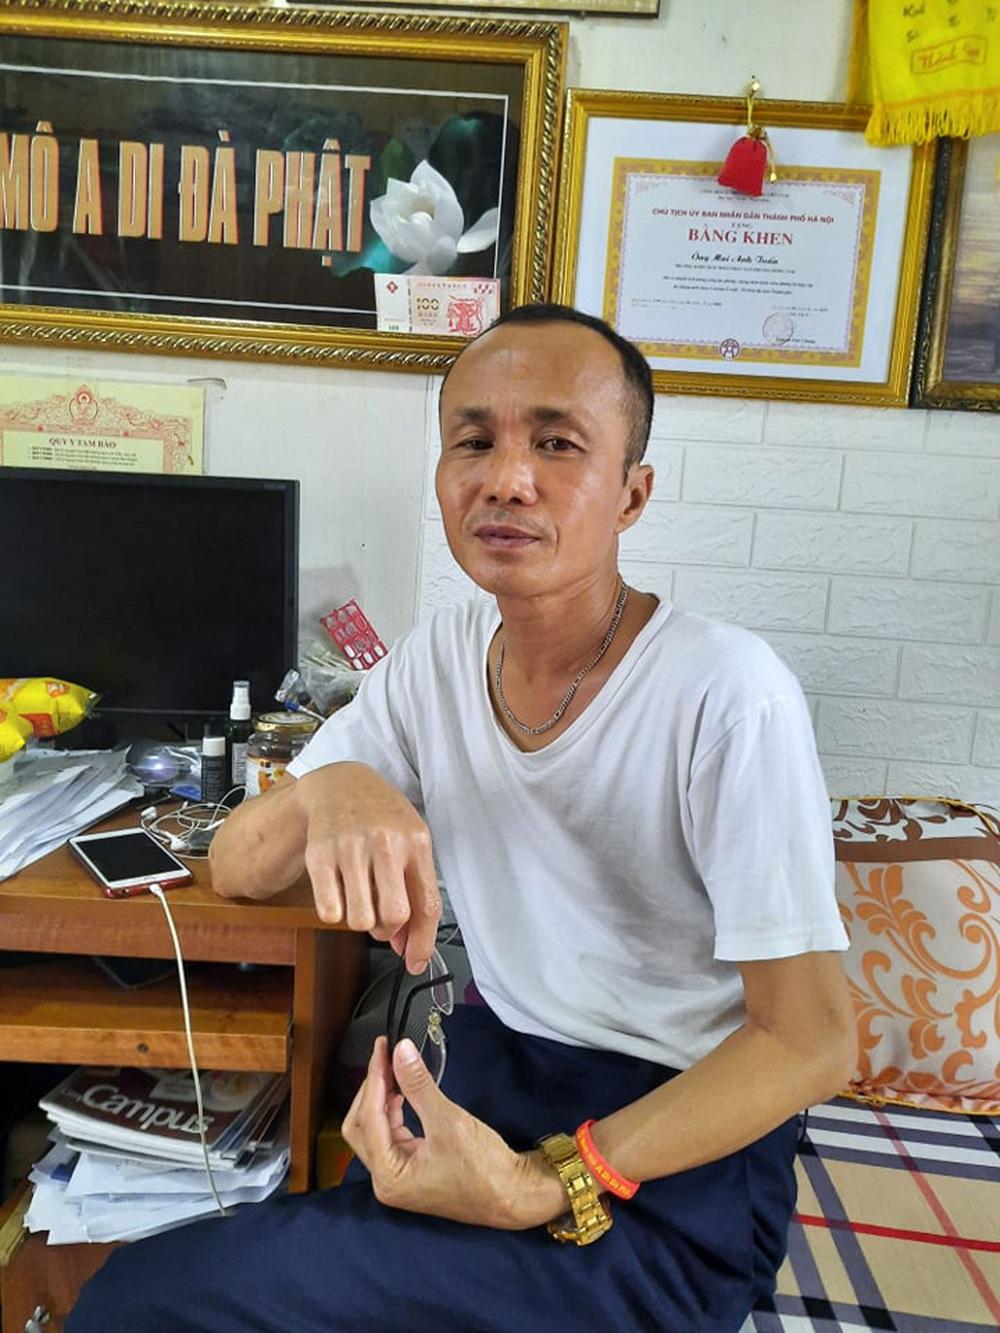 Sau những lùm xùm ở Bệnh viện Bạch Mai, bệnh nhân lại mừng ra mặt...! - Ảnh 13.